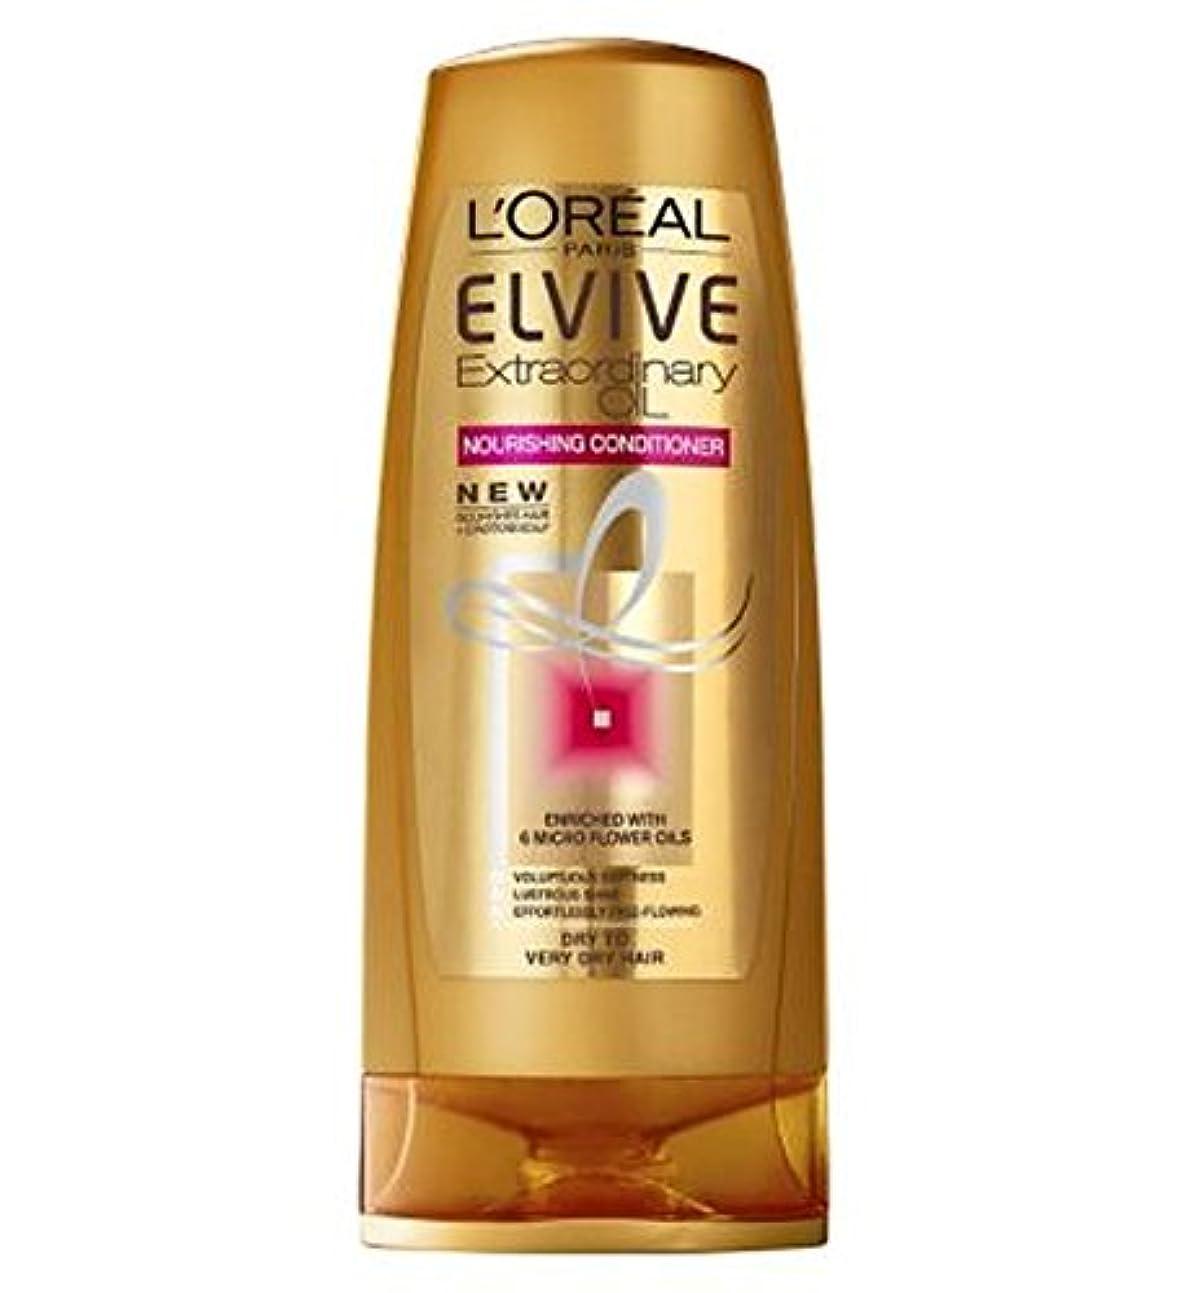 移動危機火山学者ラフヘア250ミリリットルにコンディショナードライ栄養ロレアルElvive臨時油 (L'Oreal) (x2) - L'Oreal Elvive Extraordinary Oils Nourishing Conditioner...